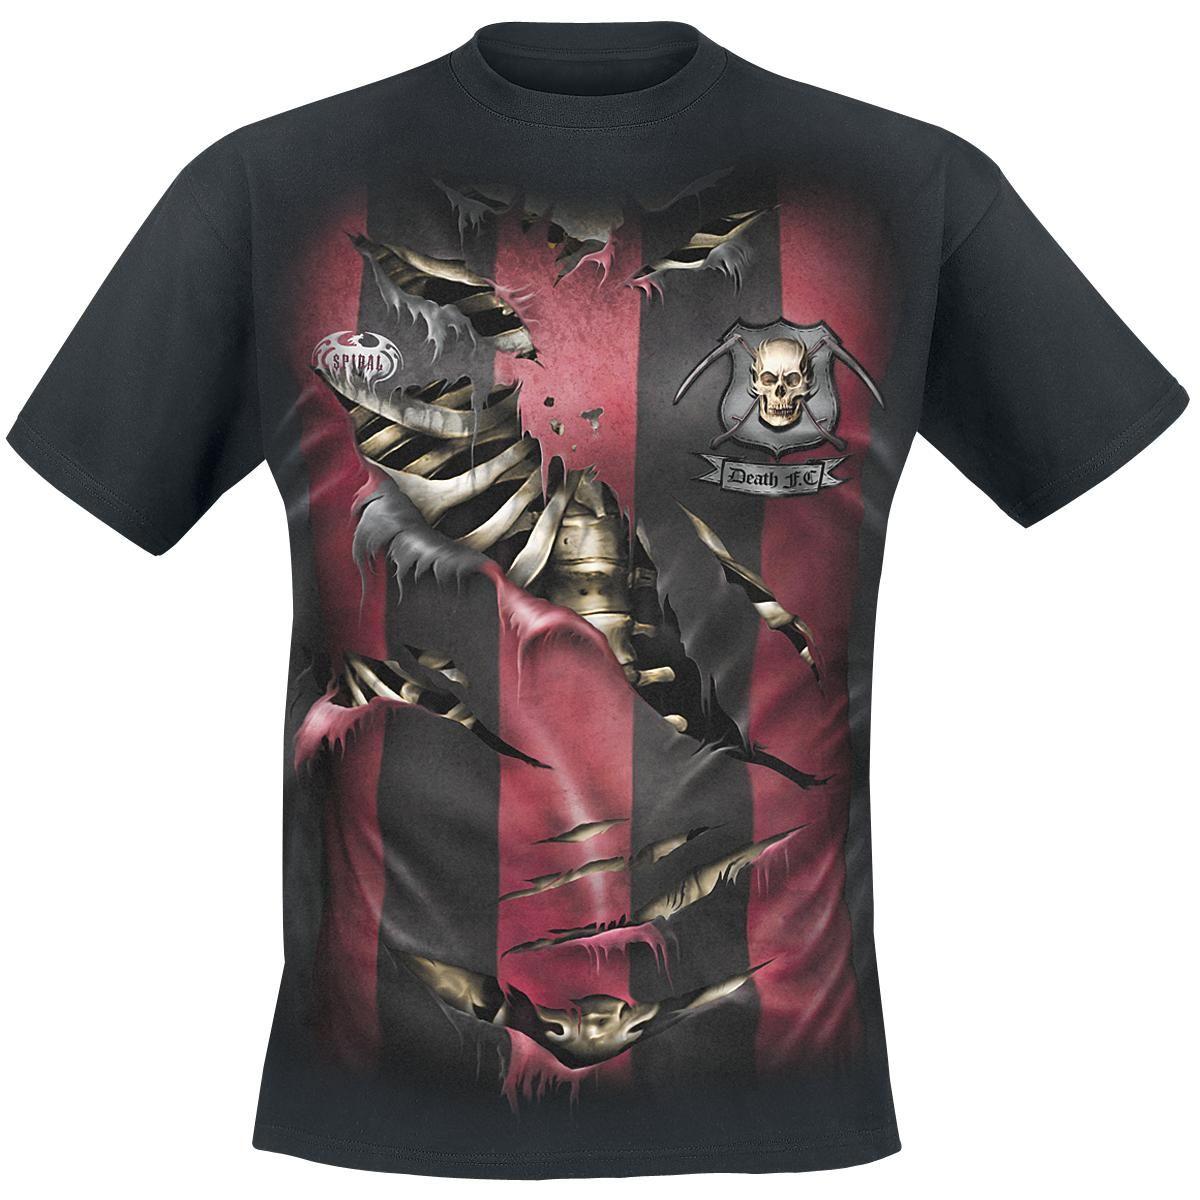 """#TShirt uomo nera """"Team Reaper"""" del brand #Spiral con ampia stampa sul davanti di una maglietta a righe rosse e nere strappata da cui si intravede uno scheletro. Sul retro del capo è stampata la scritta """"Reaper - 666""""."""